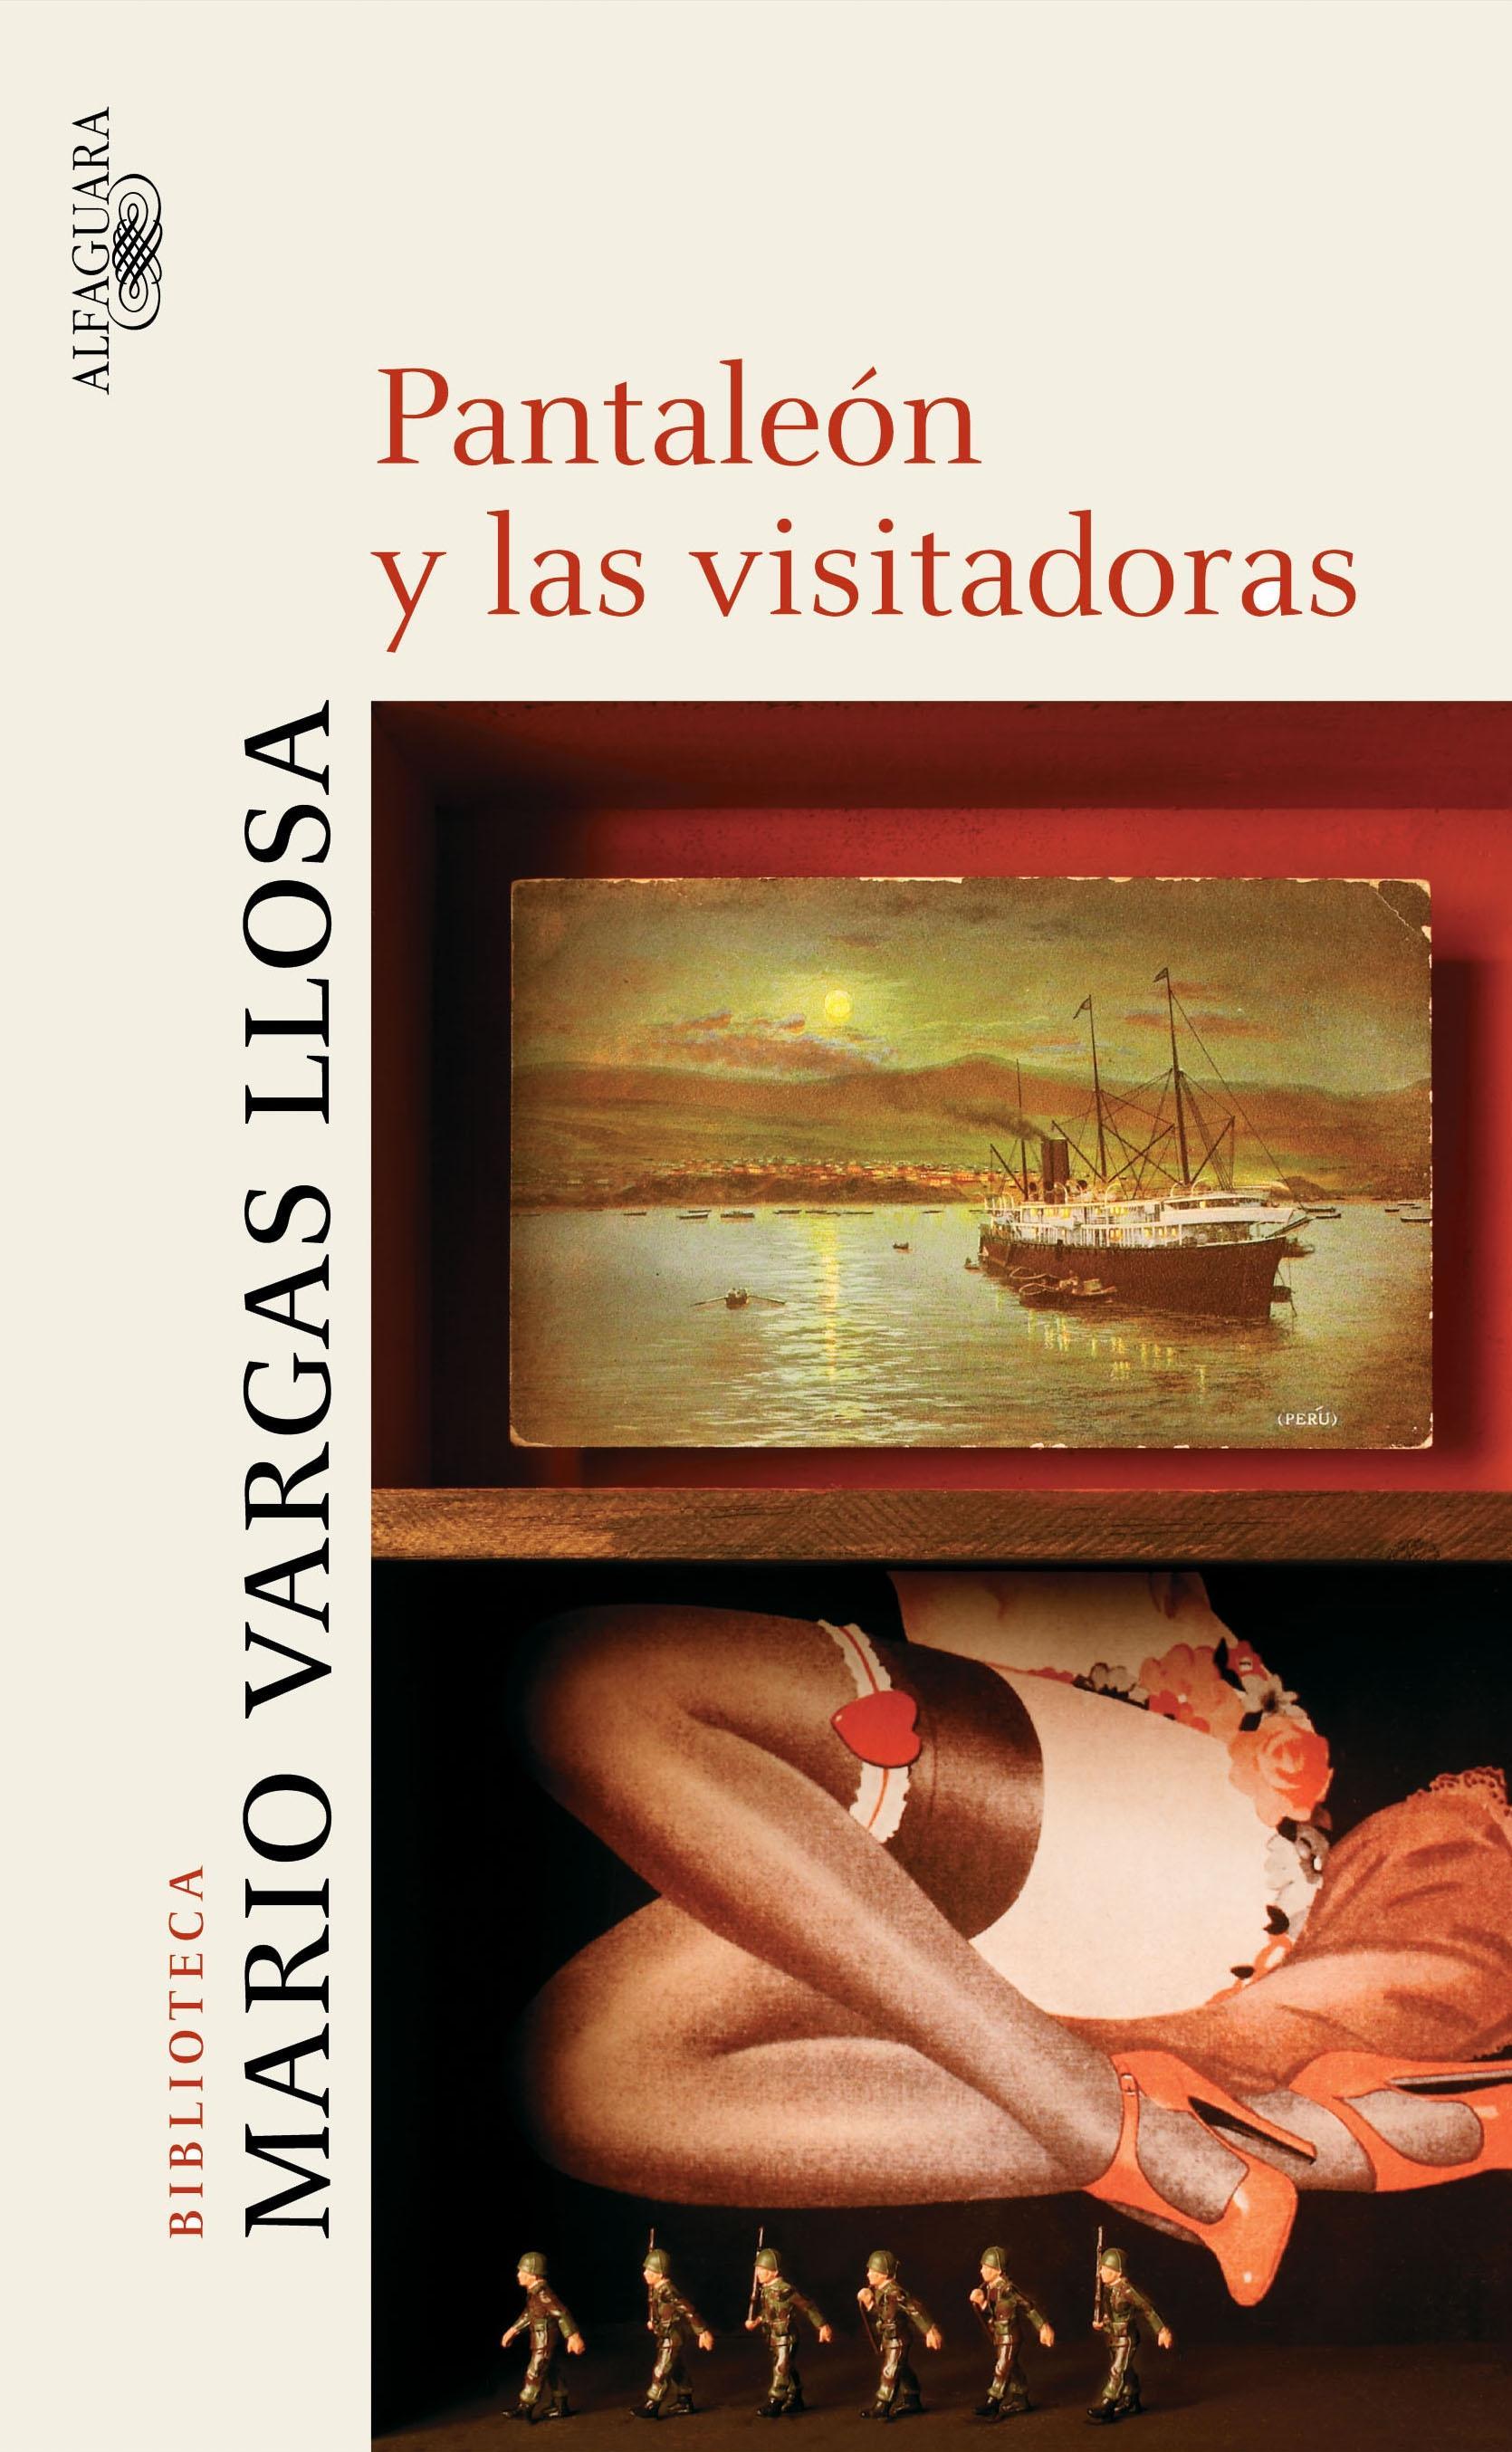 Pantaleon y las visitadores Mario Vargas